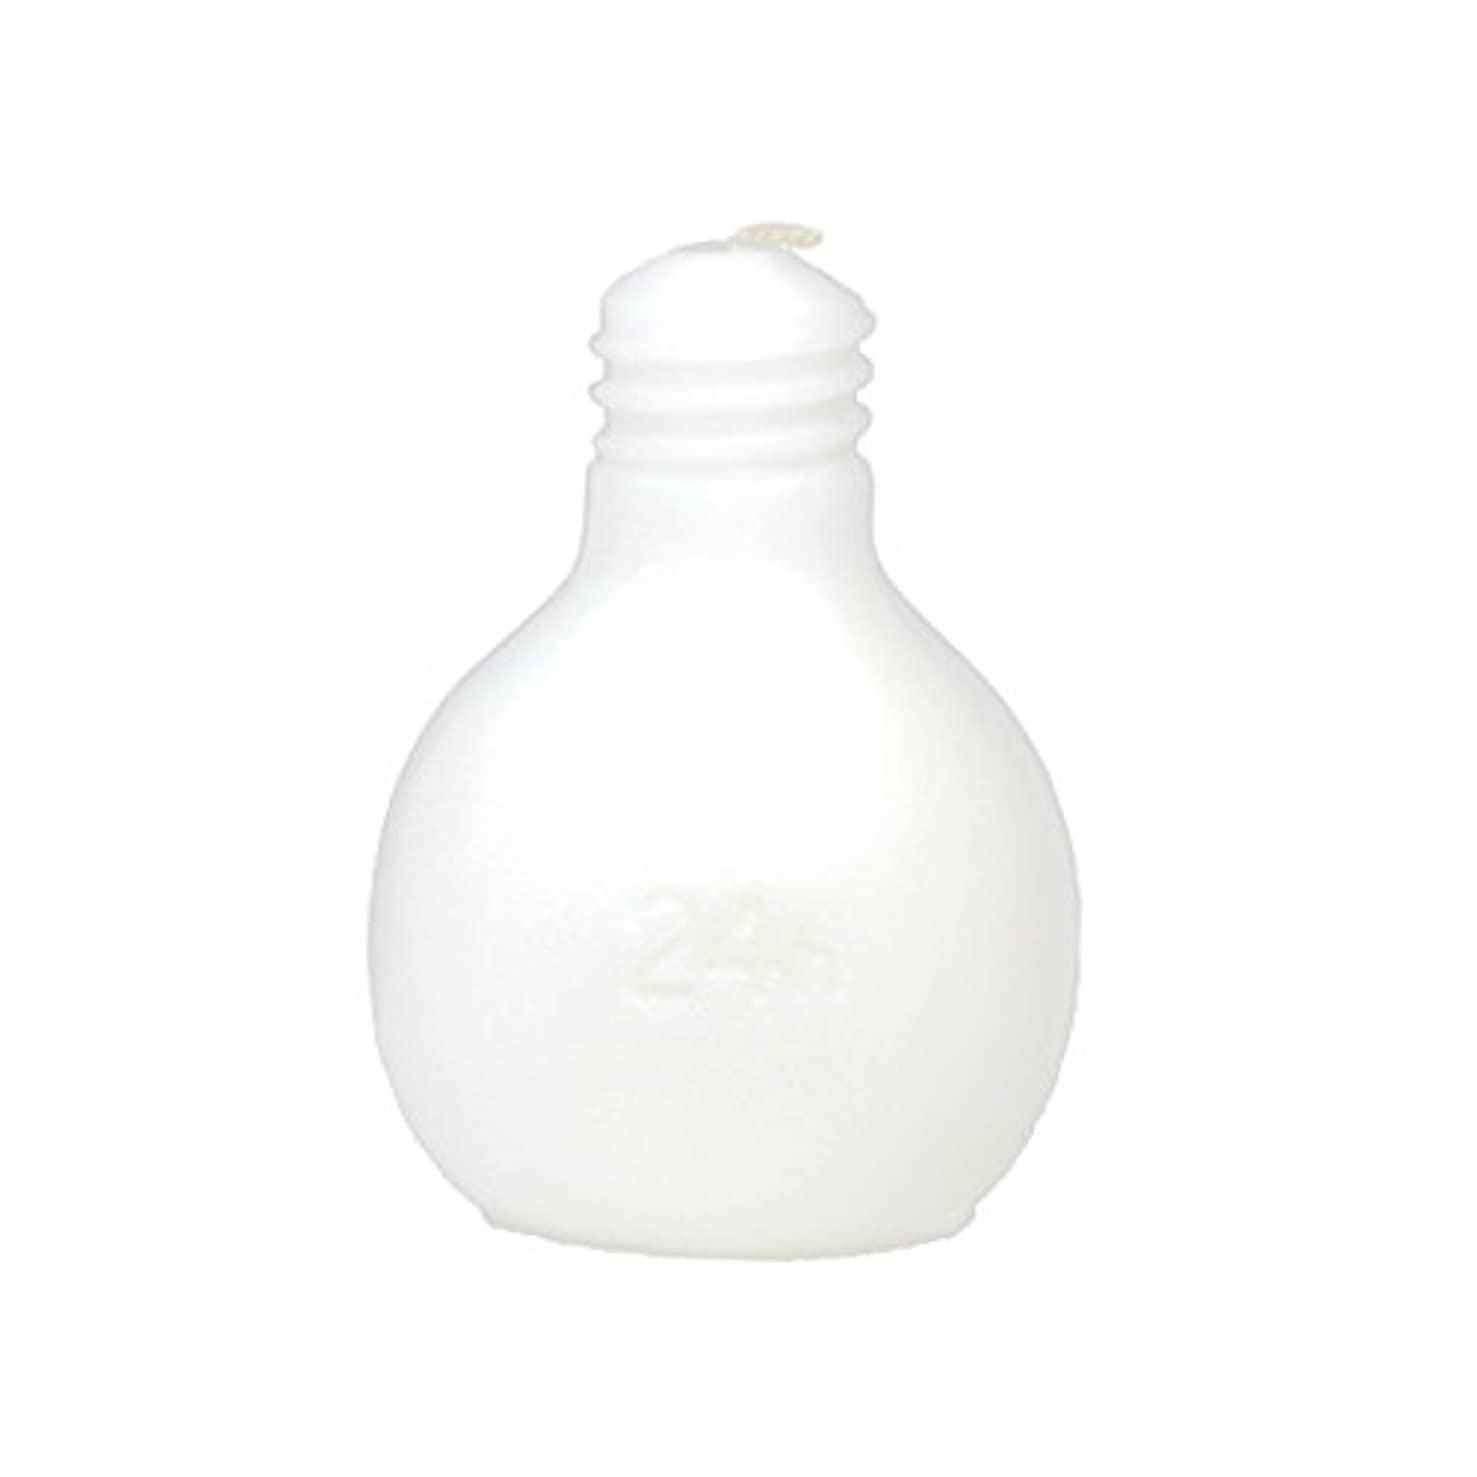 不規則な伝統アトミックカメヤマキャンドルハウス 節電球キャンドル  ホワイト